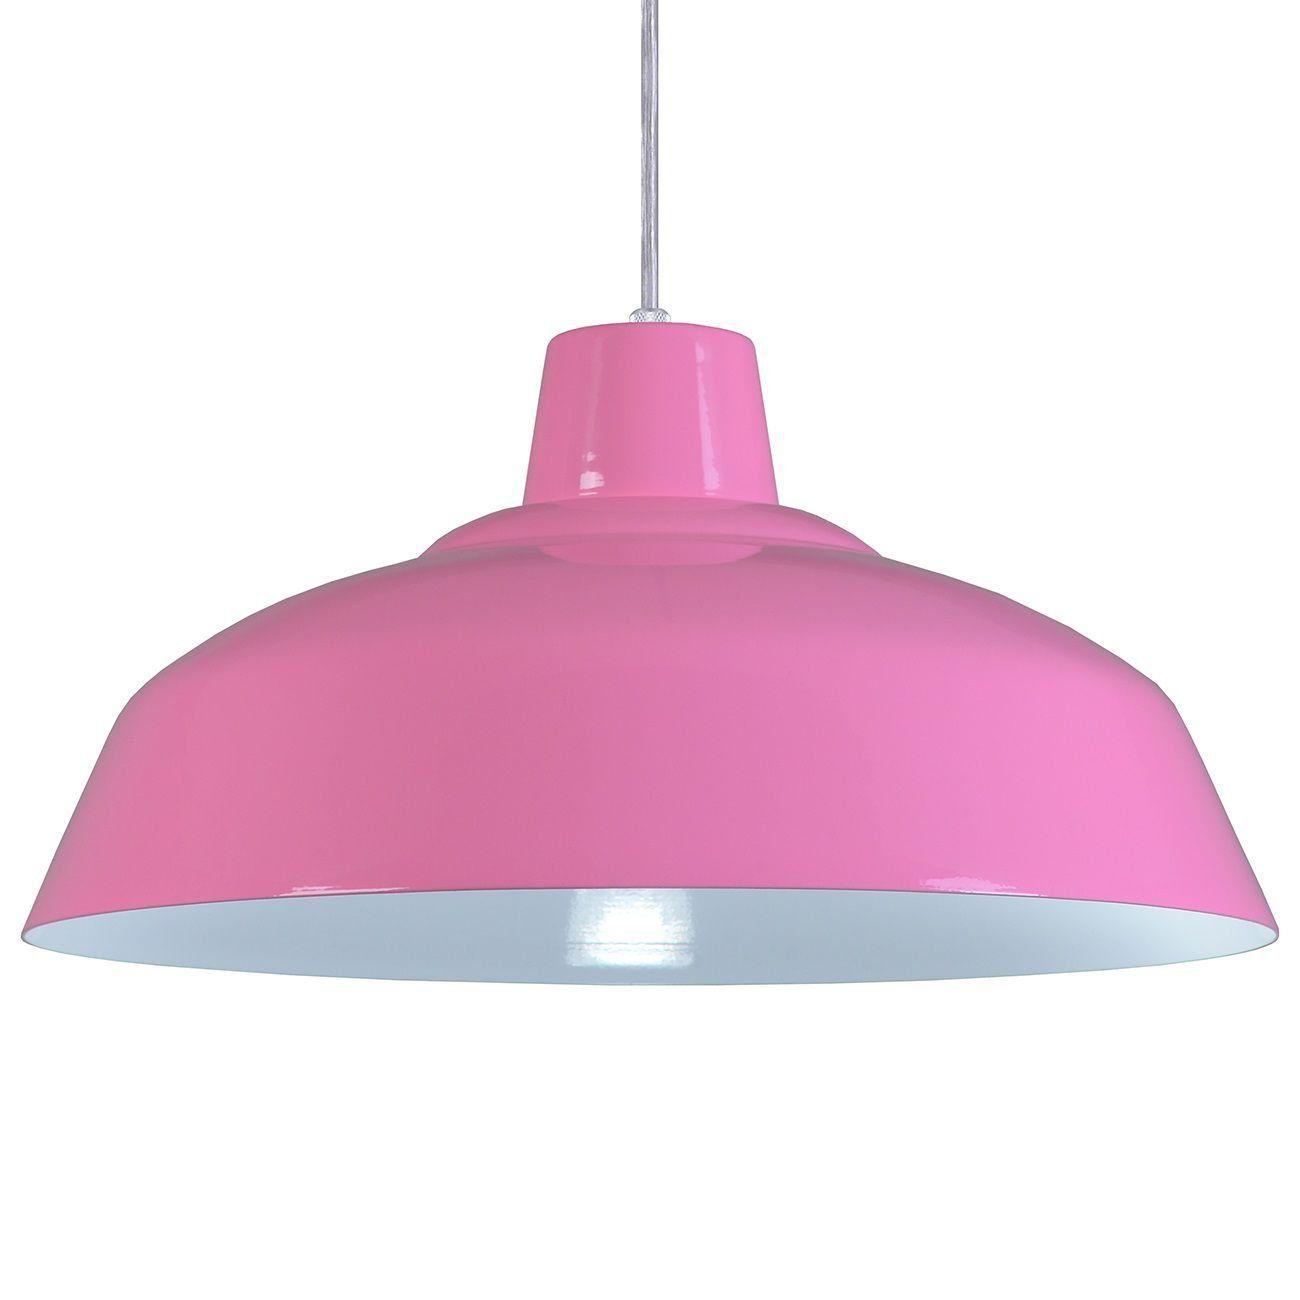 Pendente Retrô 34cm Luminária Lustre Alumínio Rosa - Rei Da Iluminação